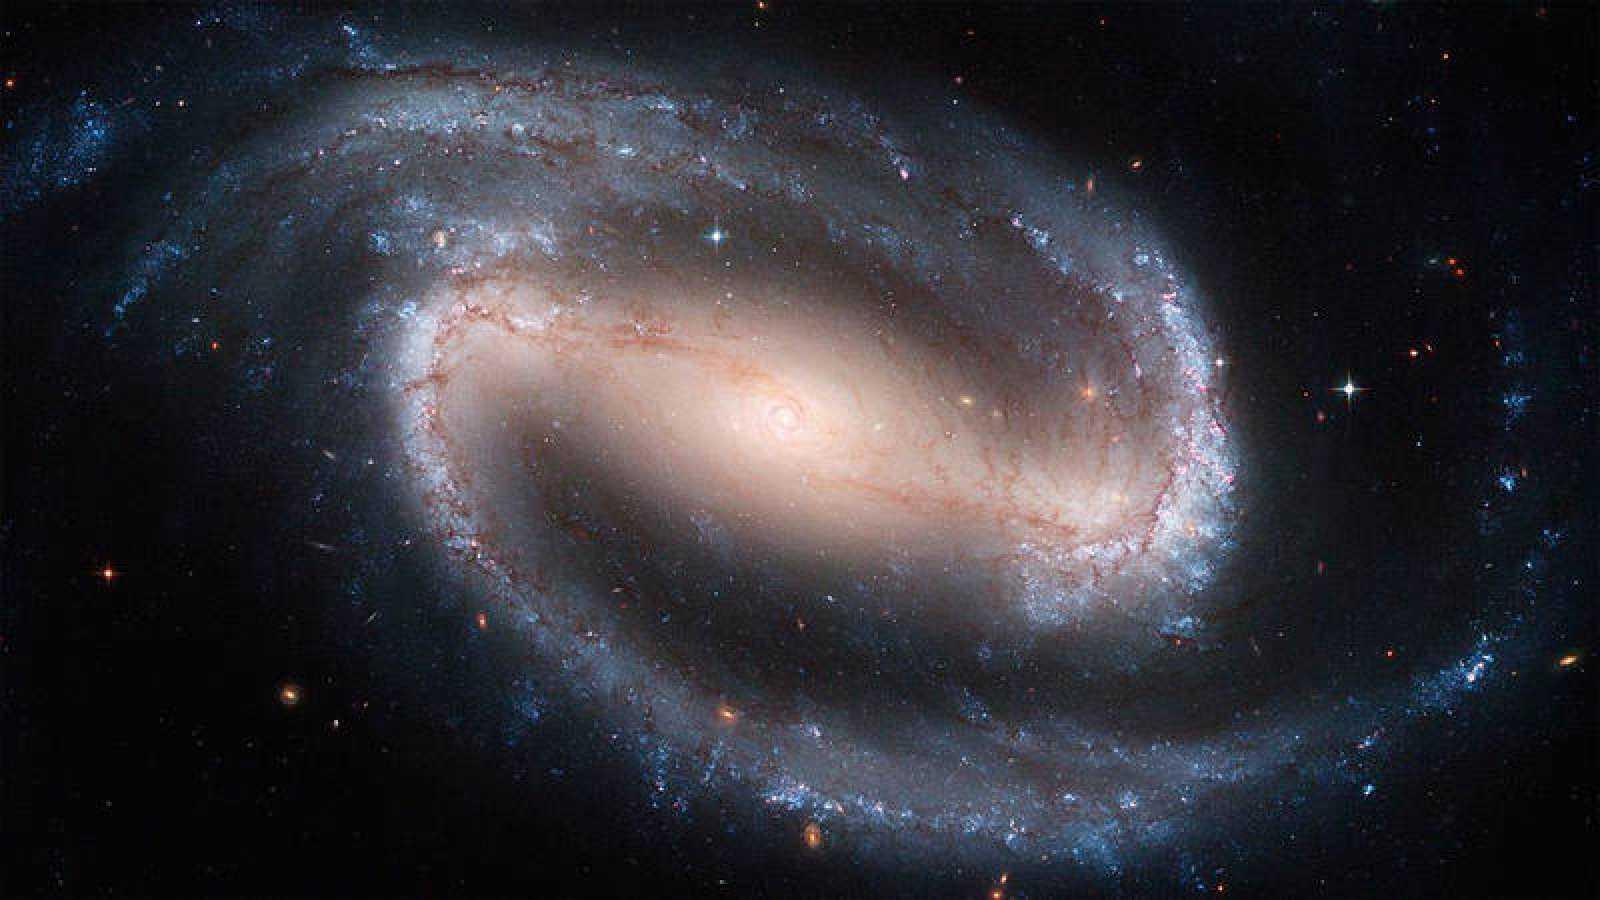 La Vía Láctea es una galaxia espiral donde se encuentra el Sistema Solar y a su vez se encuentra la Tierra.